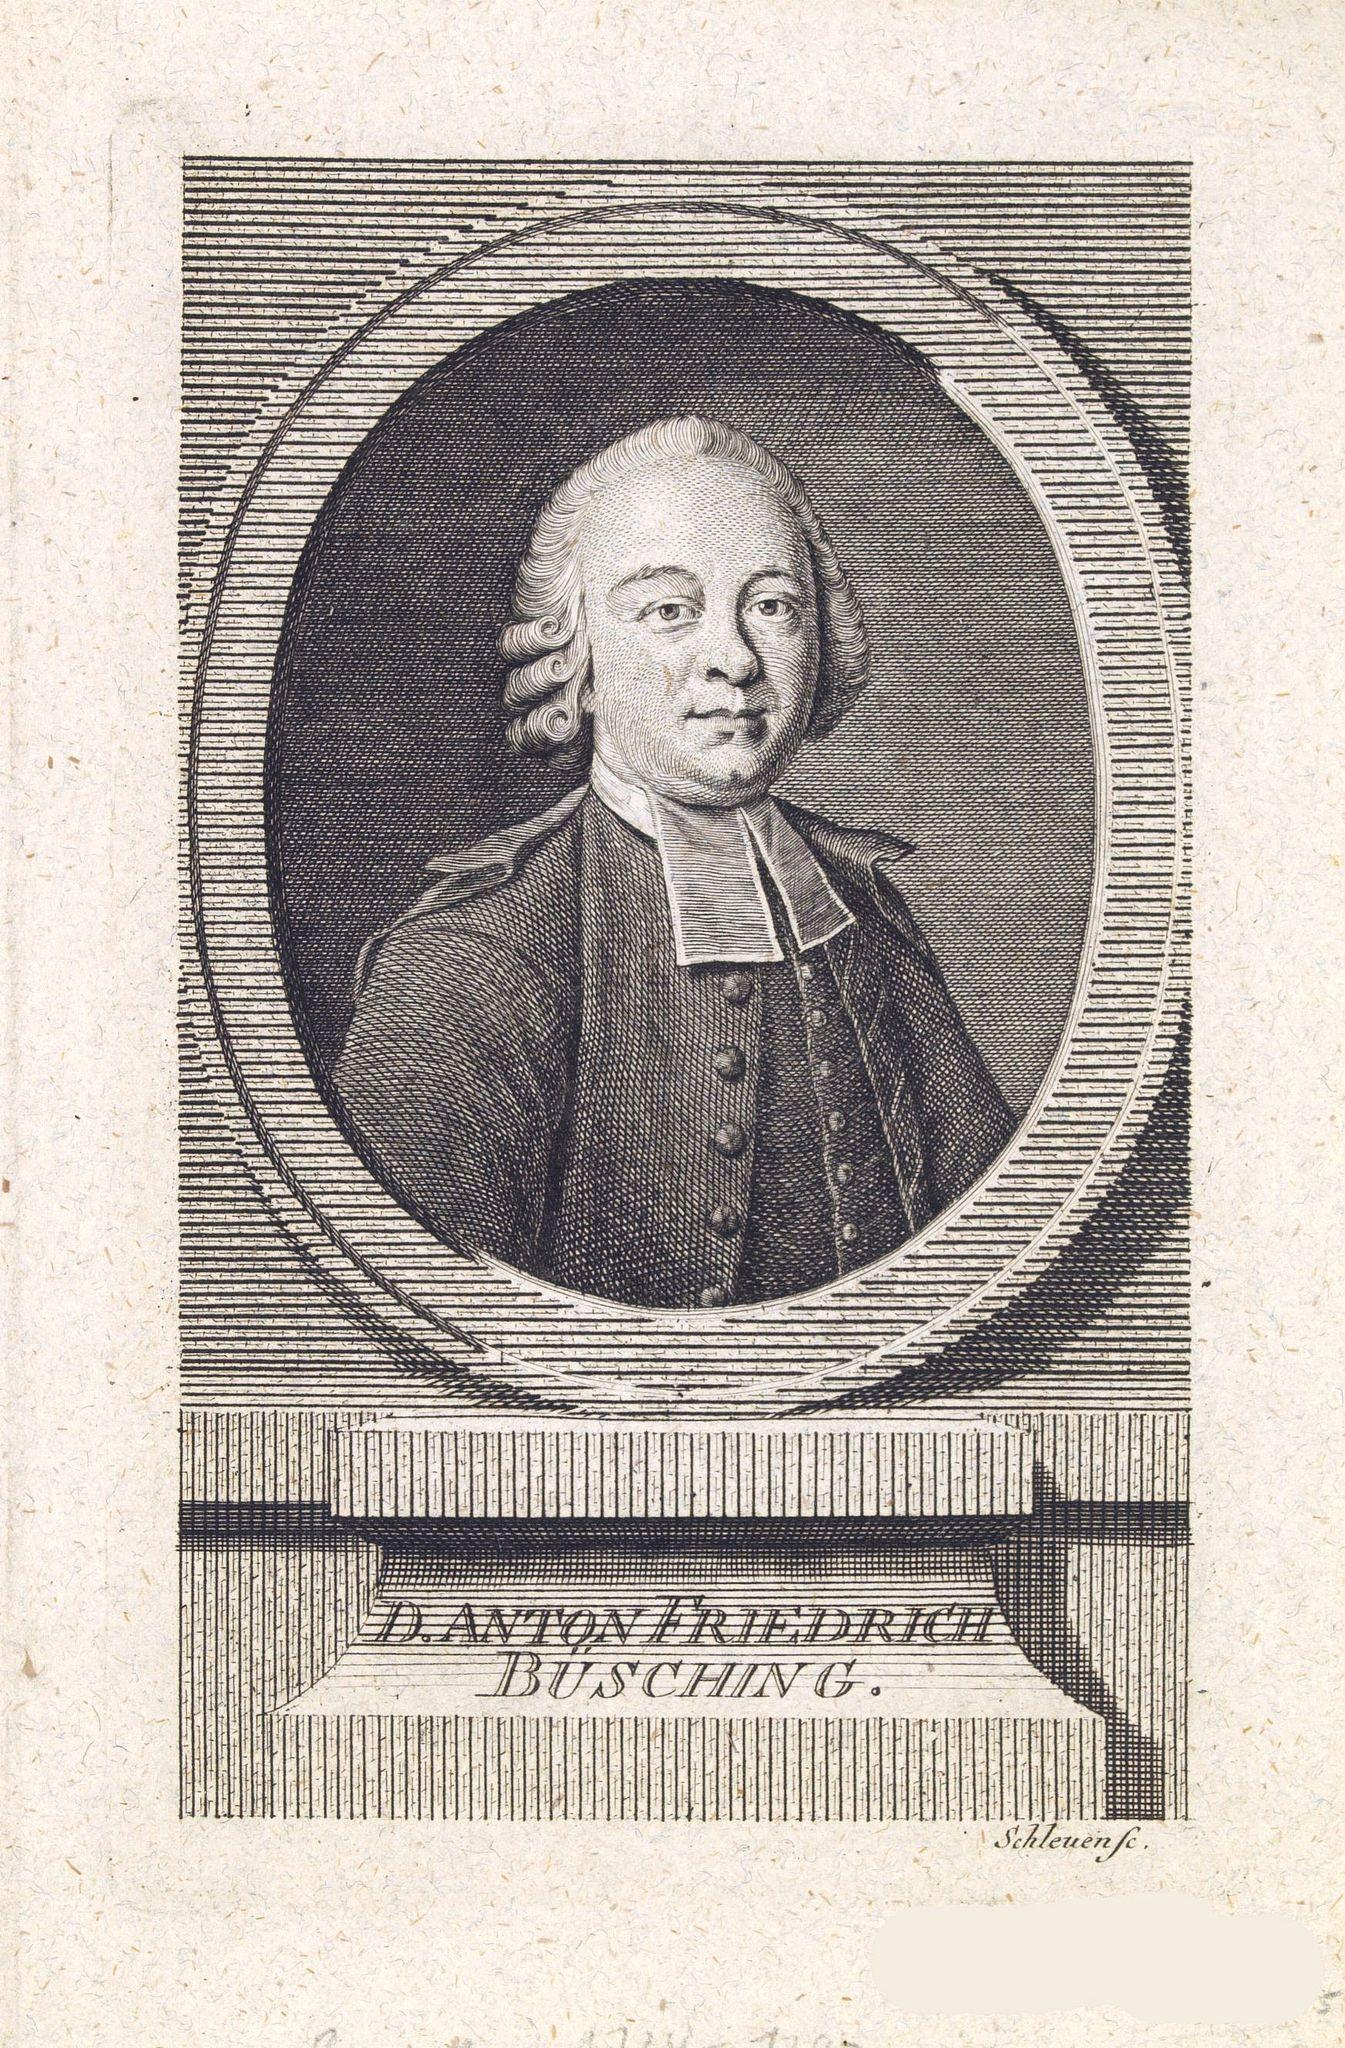 SCHLEUEN, J.D. -  Danton Fridrich Büsching.